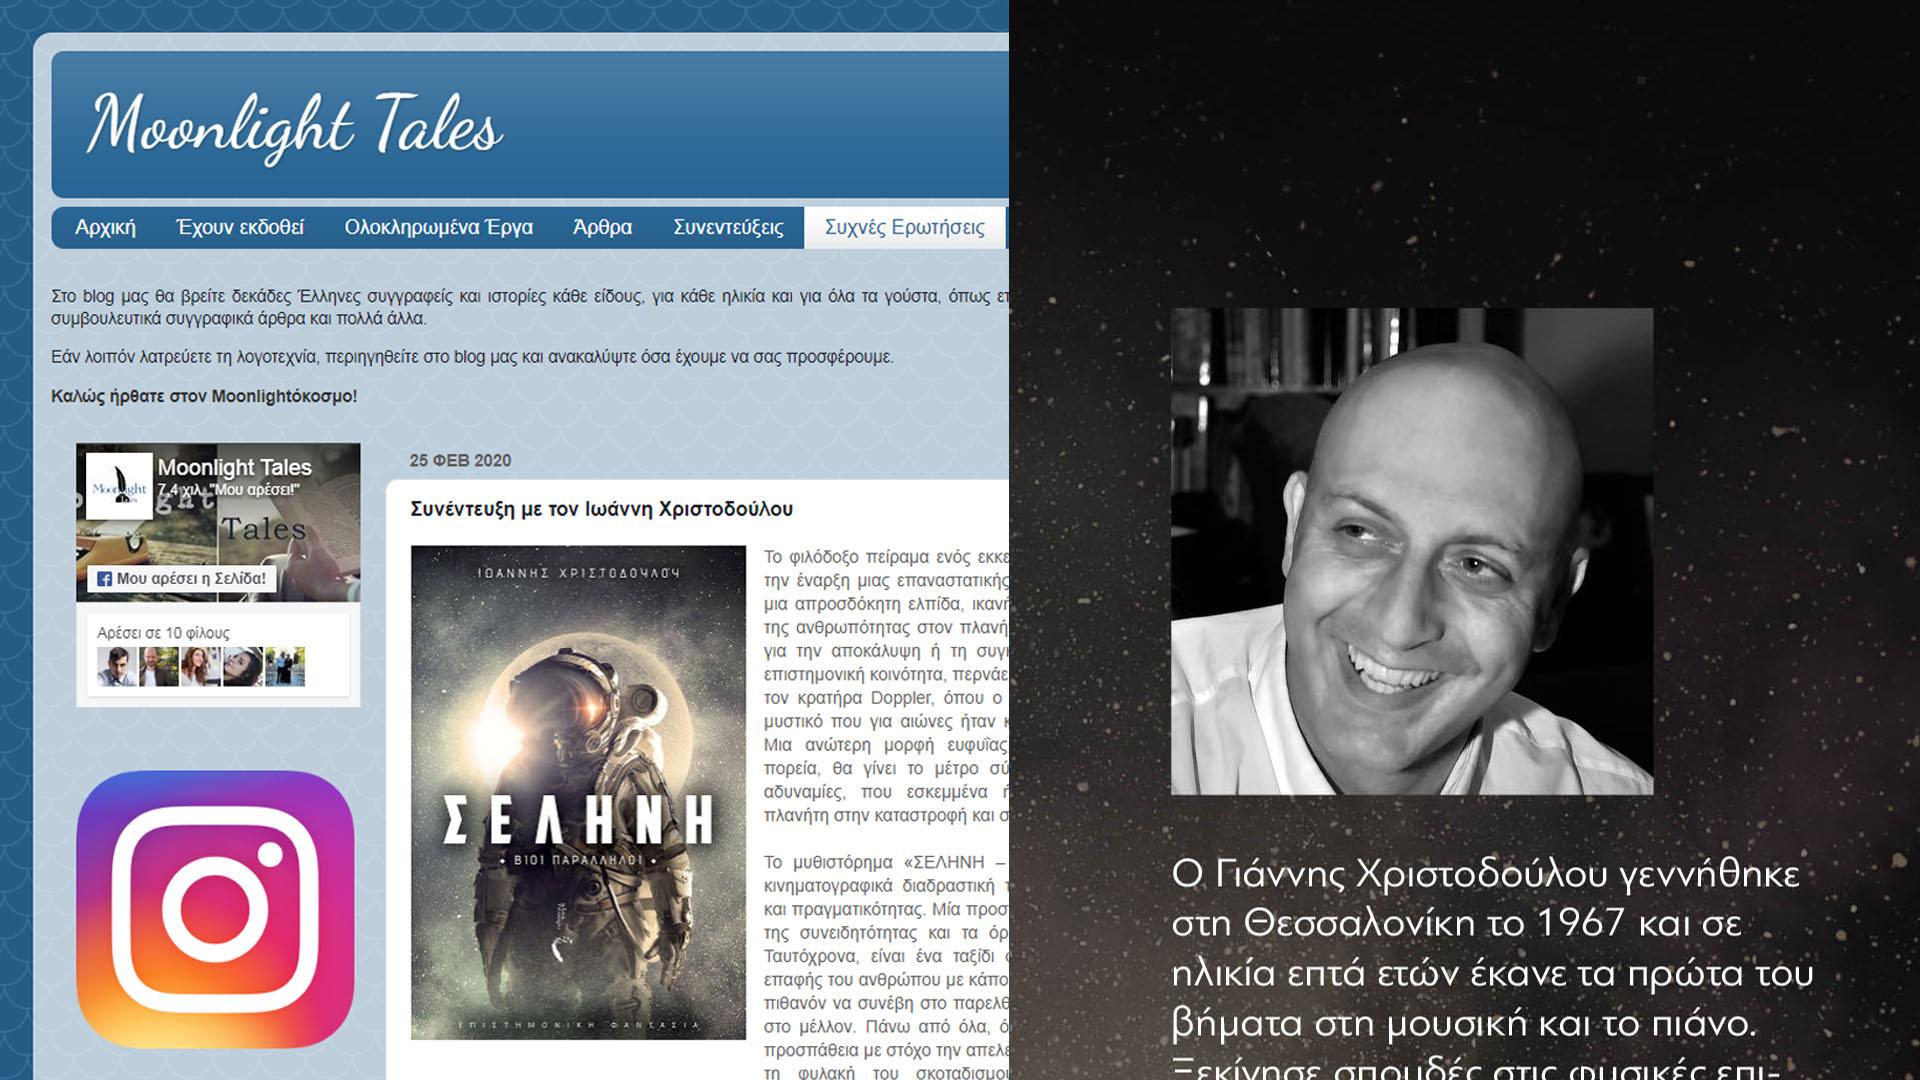 Συνέντευξη του συγγραφέα Ιωάννη Χριστοδούλου